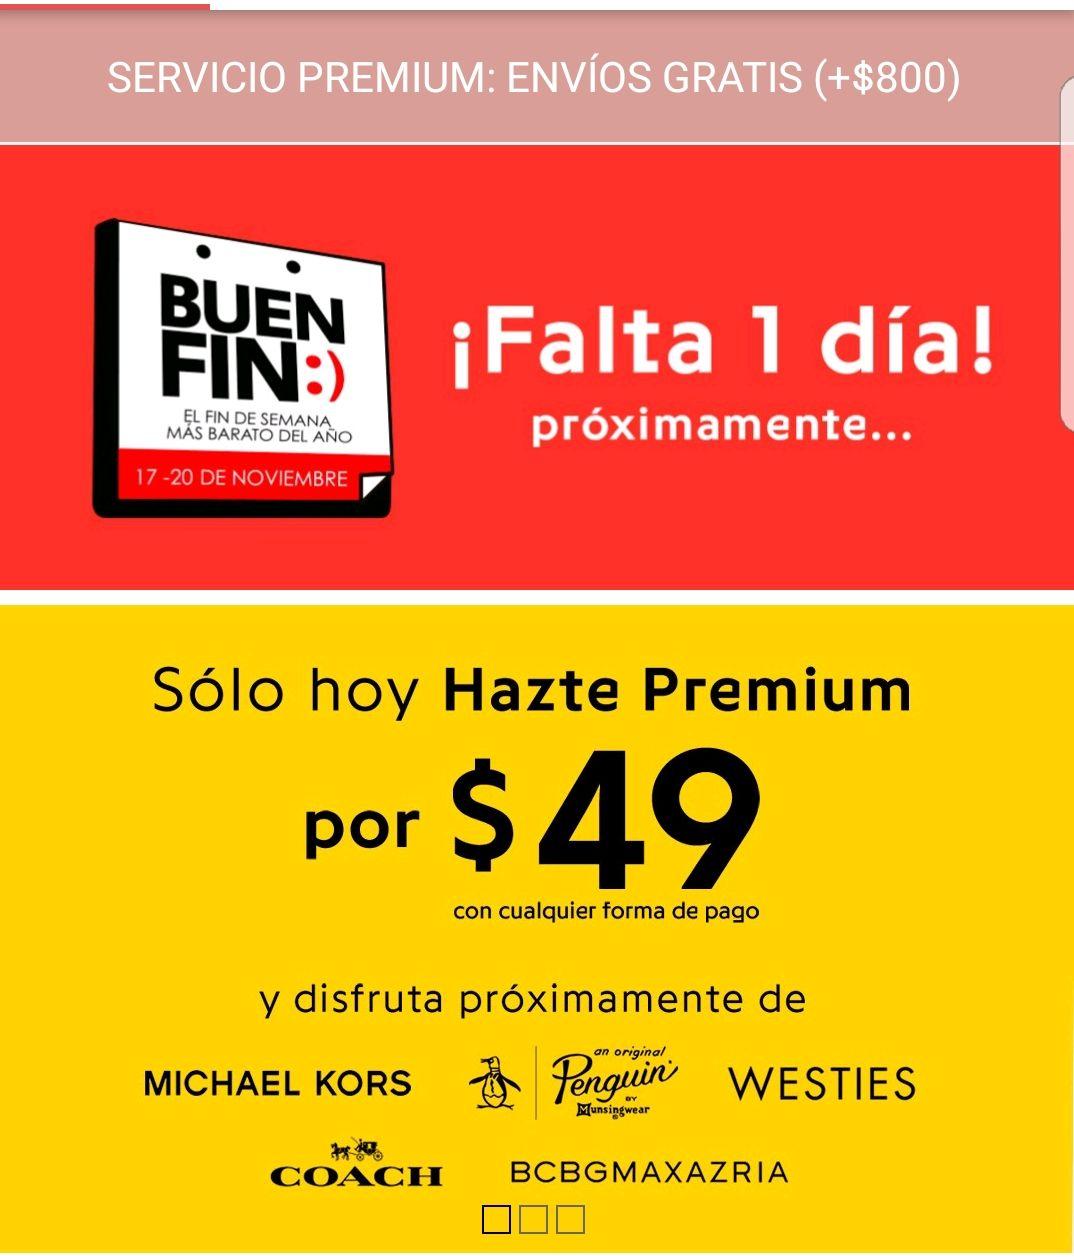 Promociones Pre Buen Fin 2017 Privalia  membresía Premium por  49 1a7297cb9367e